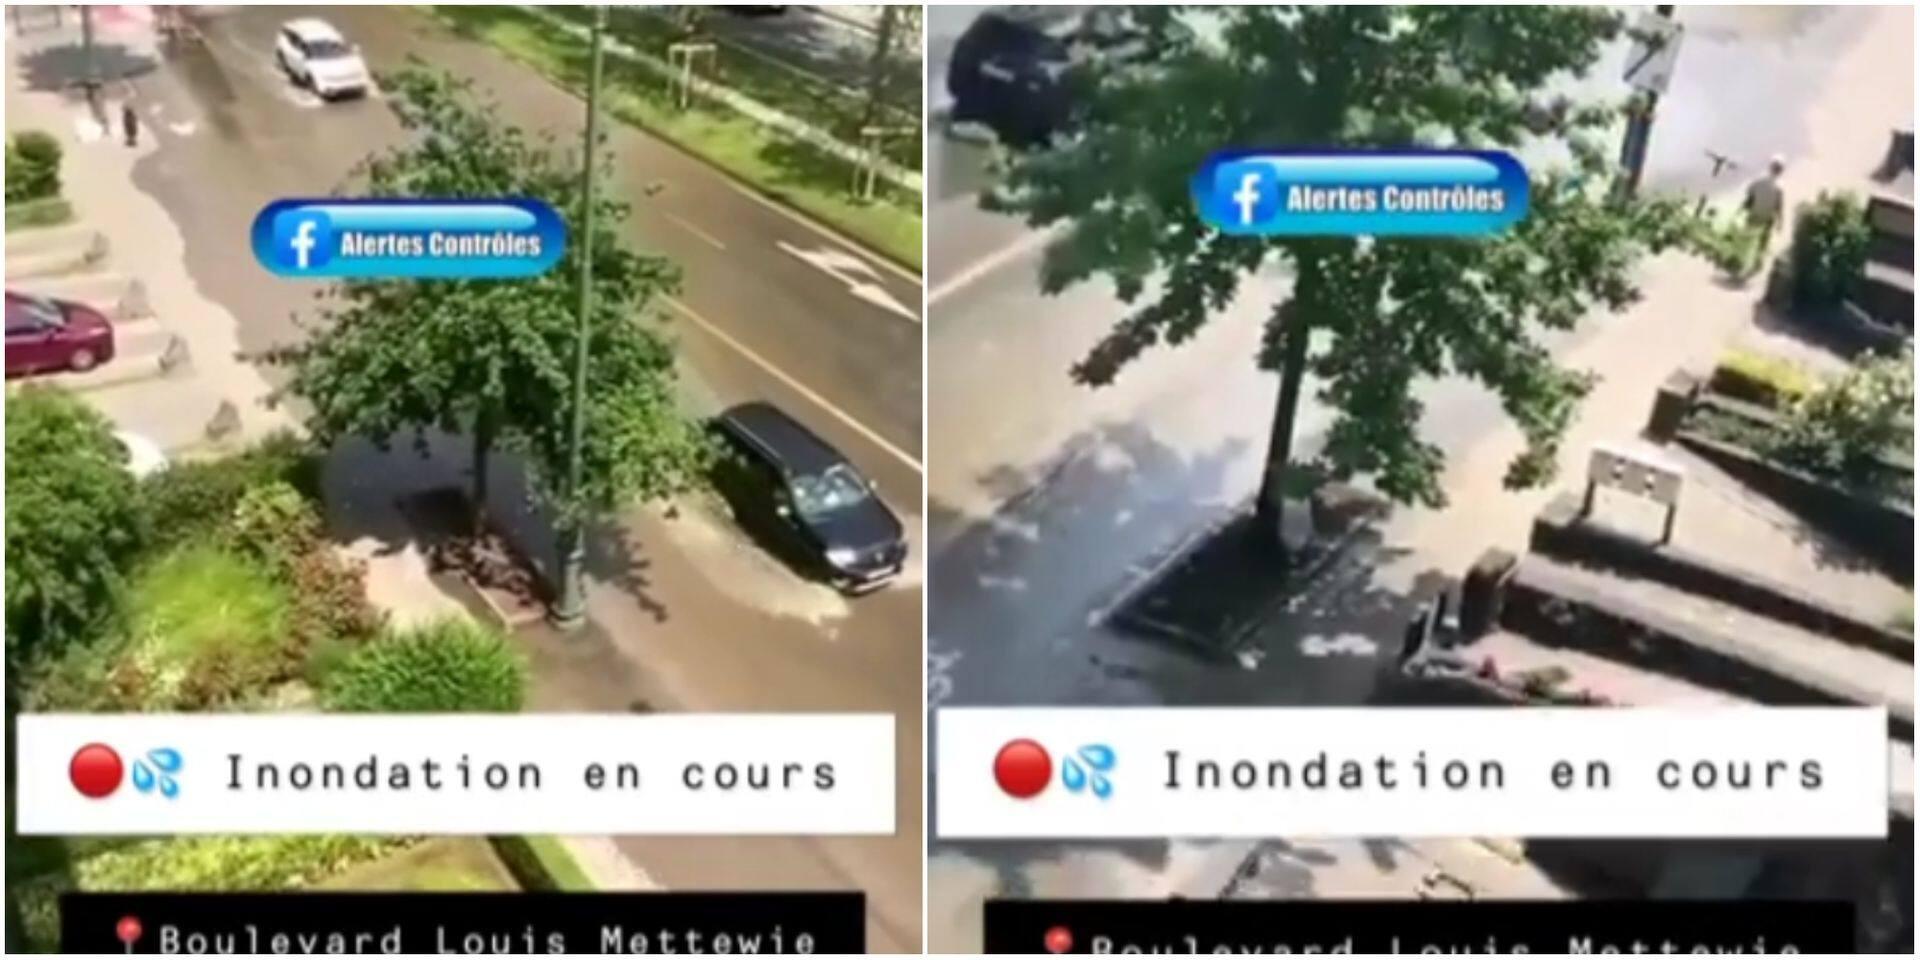 Grosse inondation en cours au boulevard Louis Mettewie malgré un soleil radieux: la circulation perturbée (VIDEO)